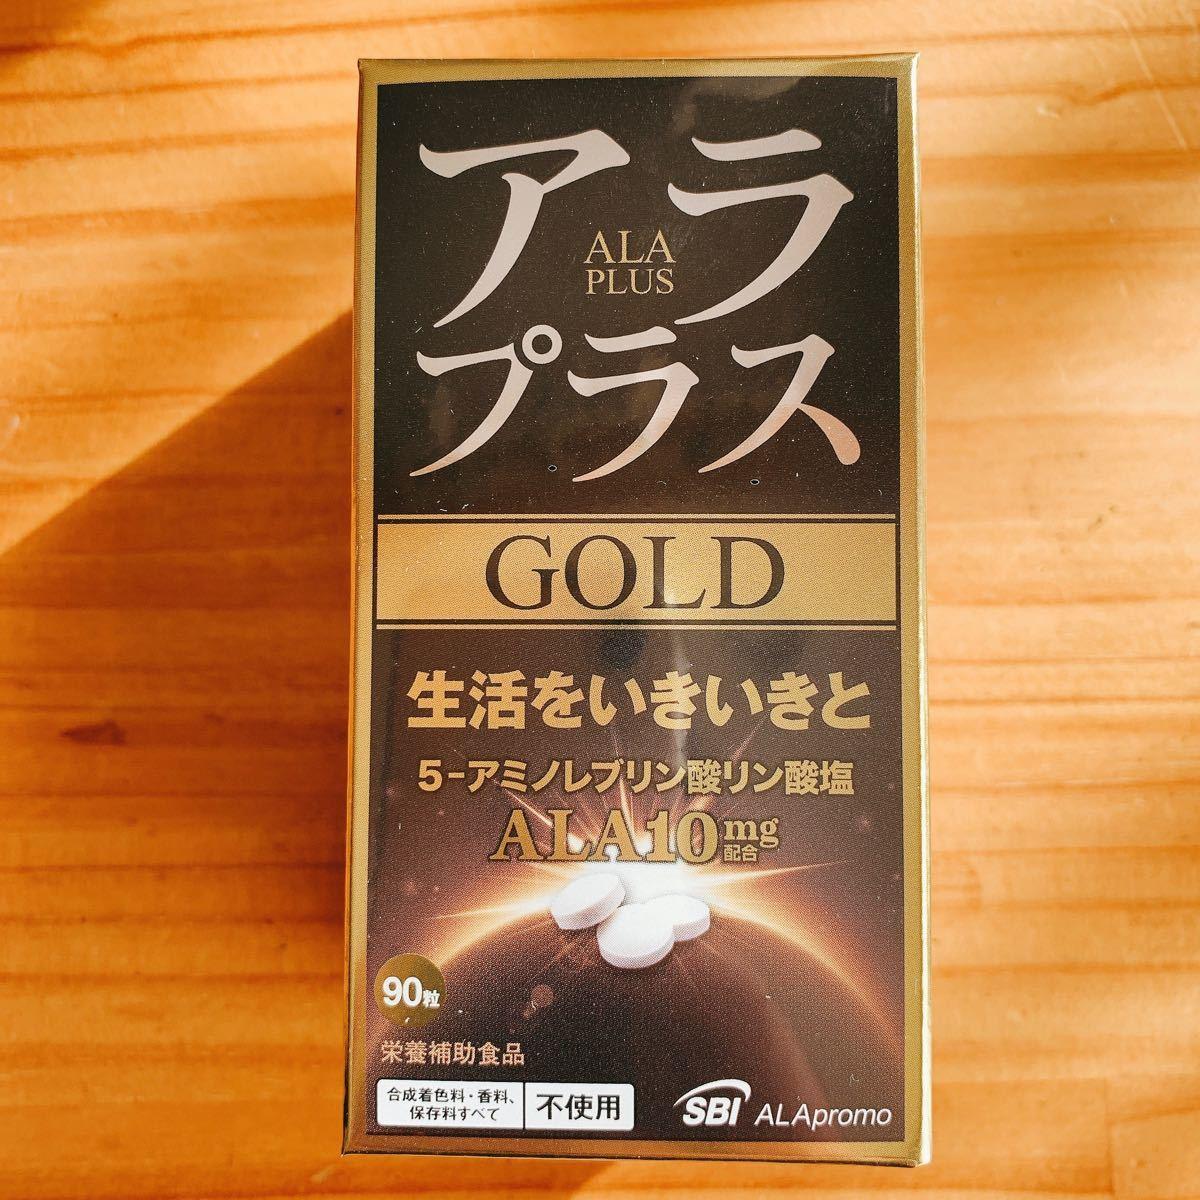 アラ プラス ゴールド